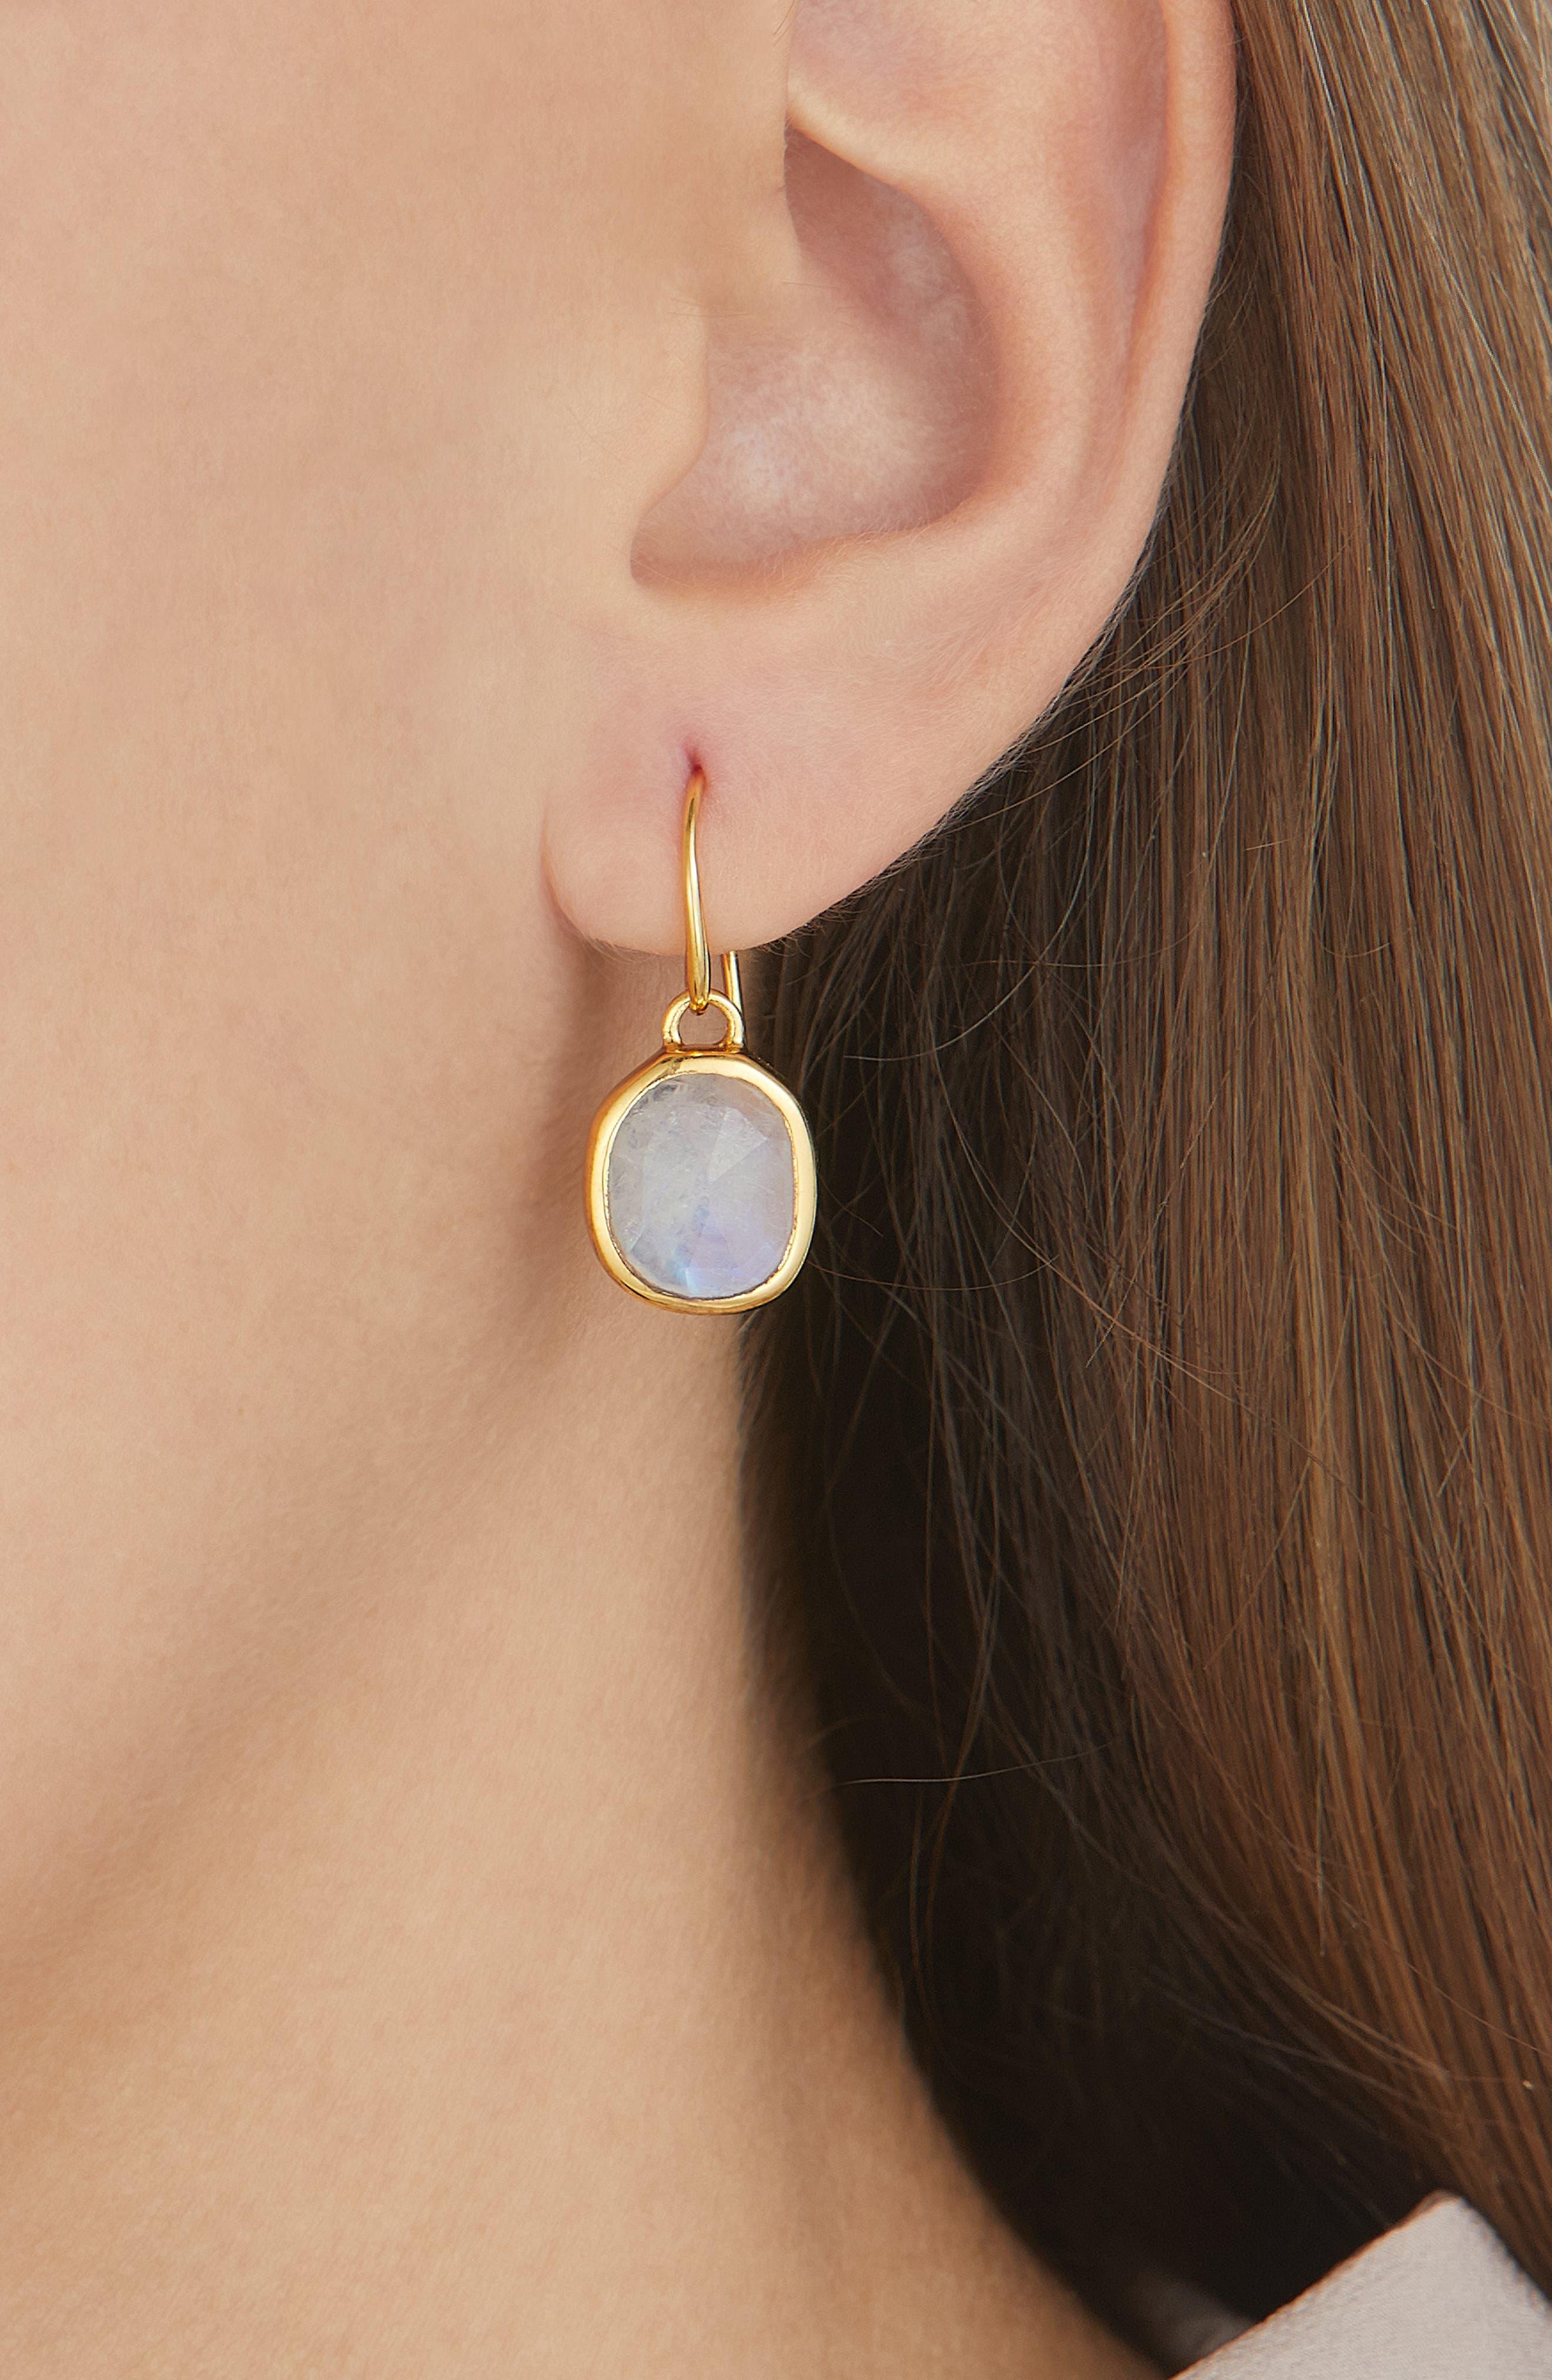 Siren Bezel Set Onyx Earrings,                             Alternate thumbnail 2, color,                             GOLD/ MOONSTONE